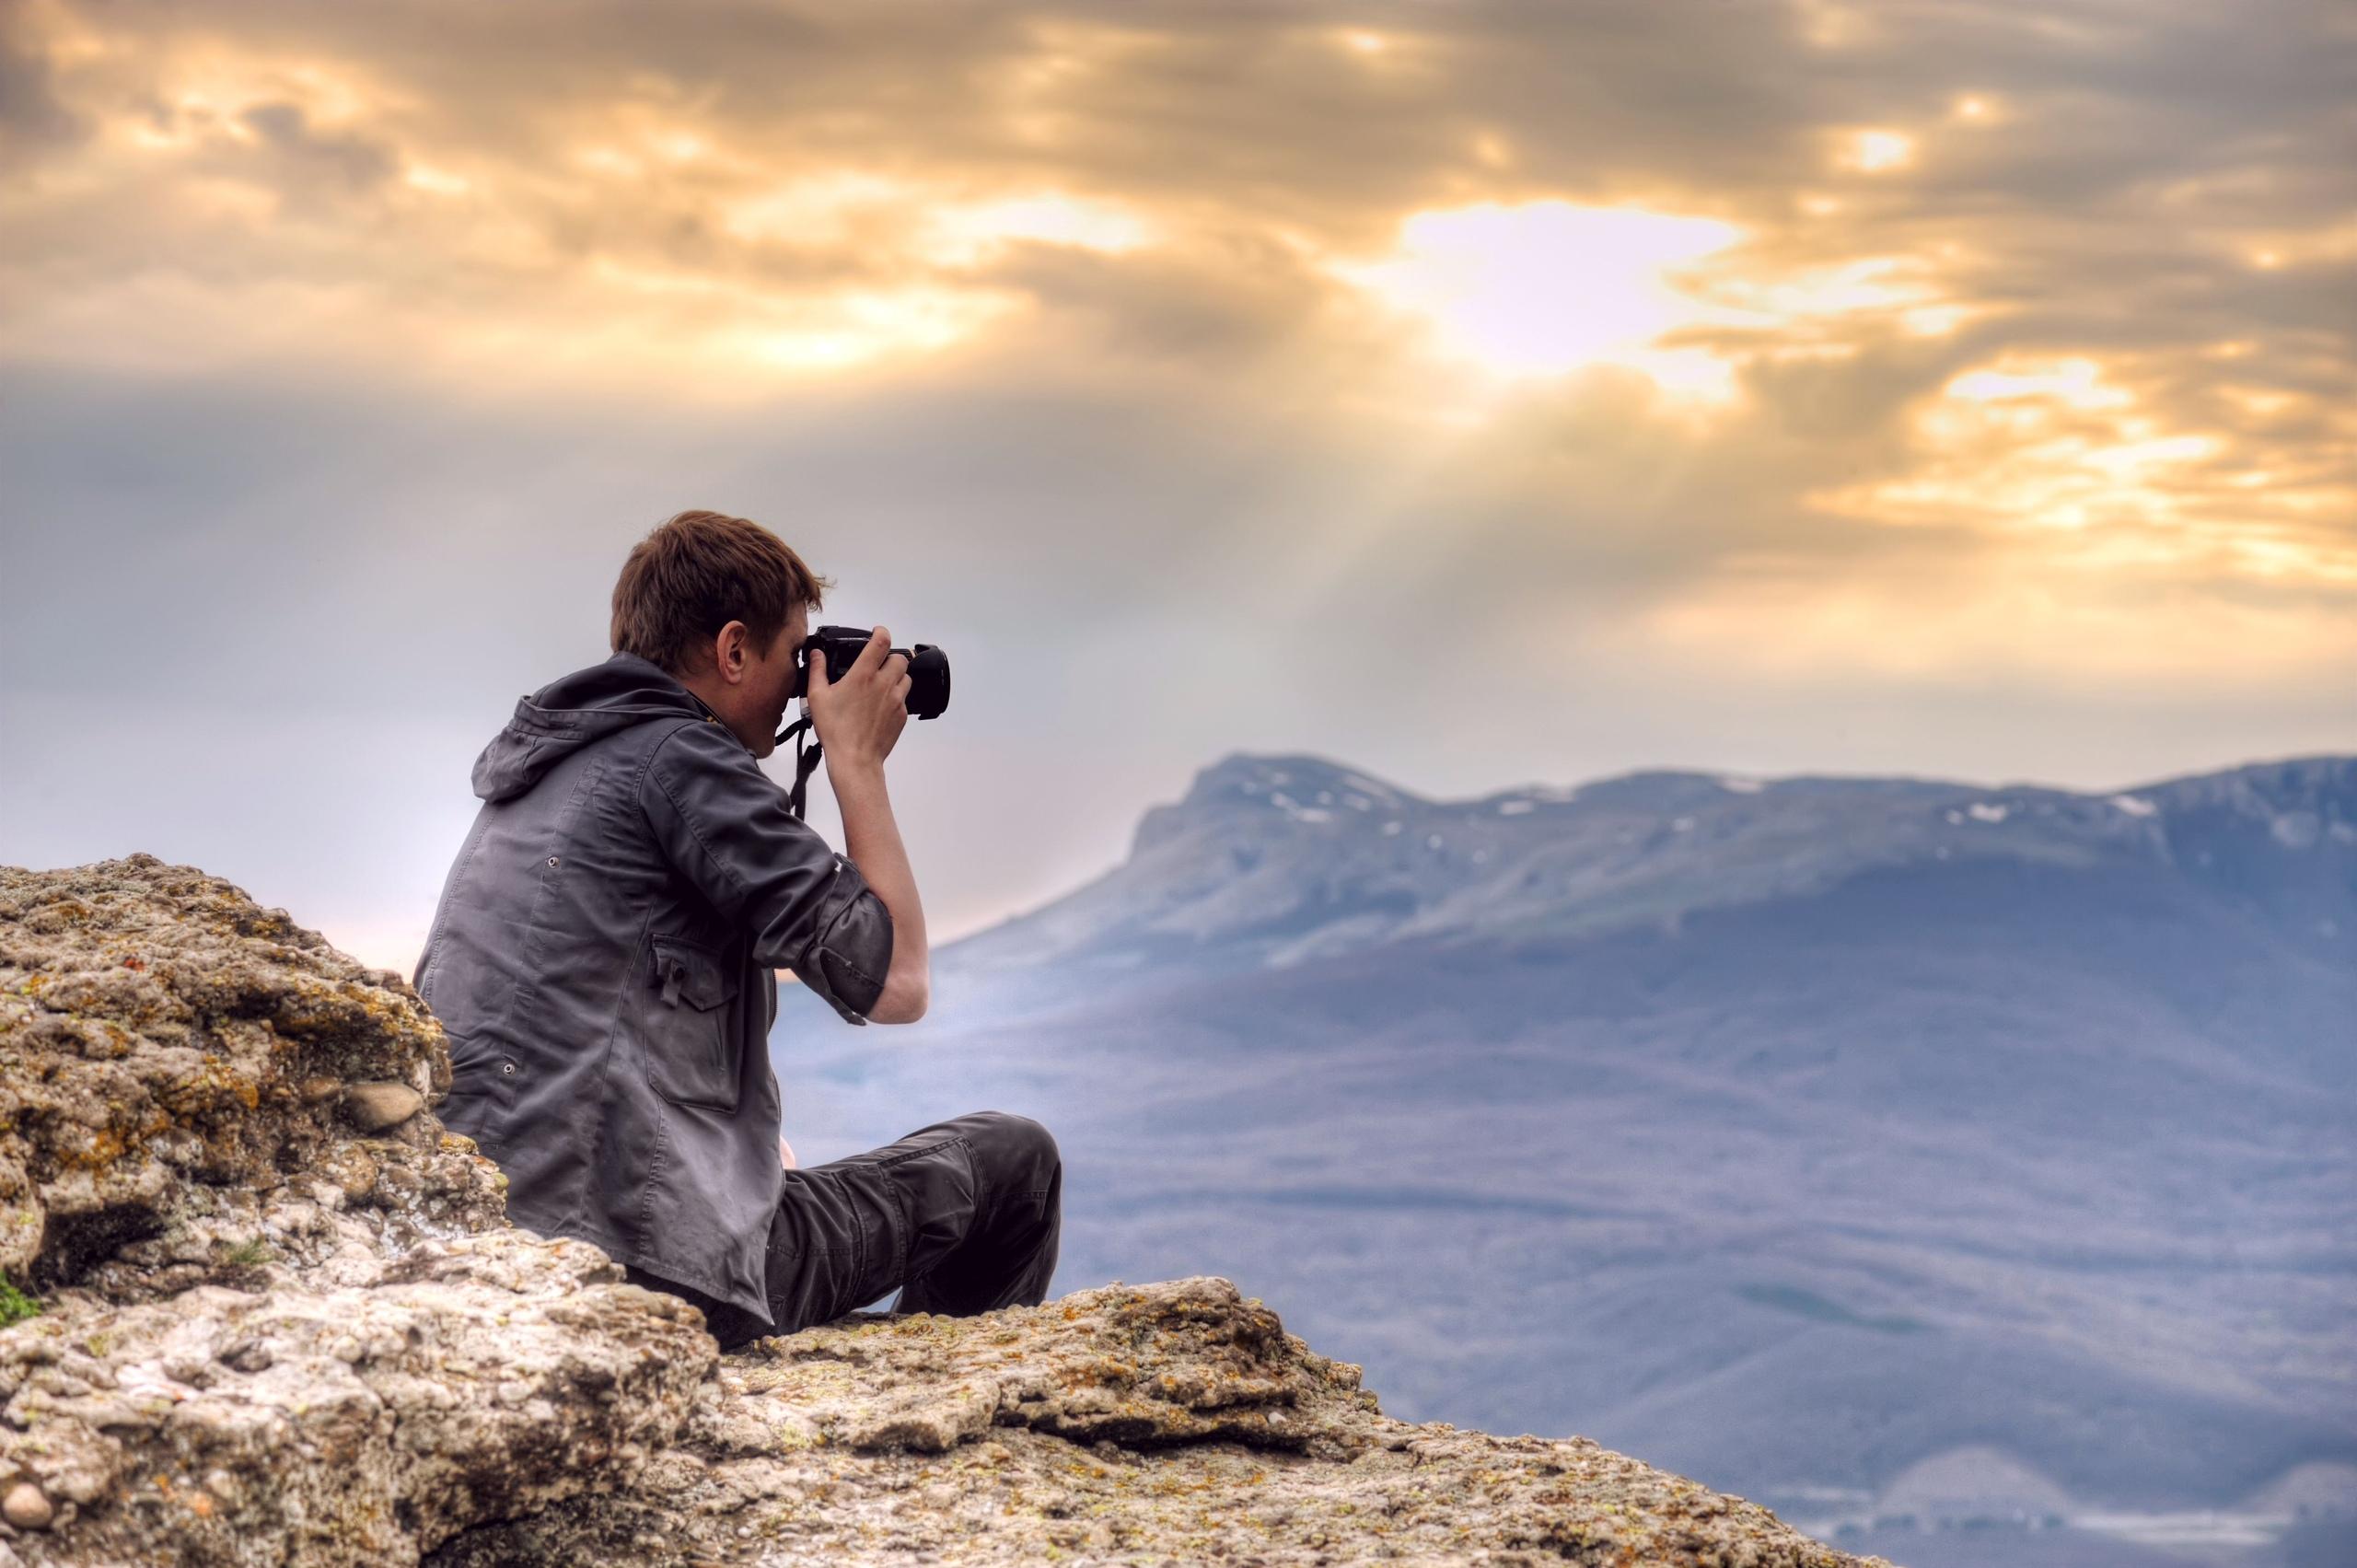 Фото человека смотрящего в даль